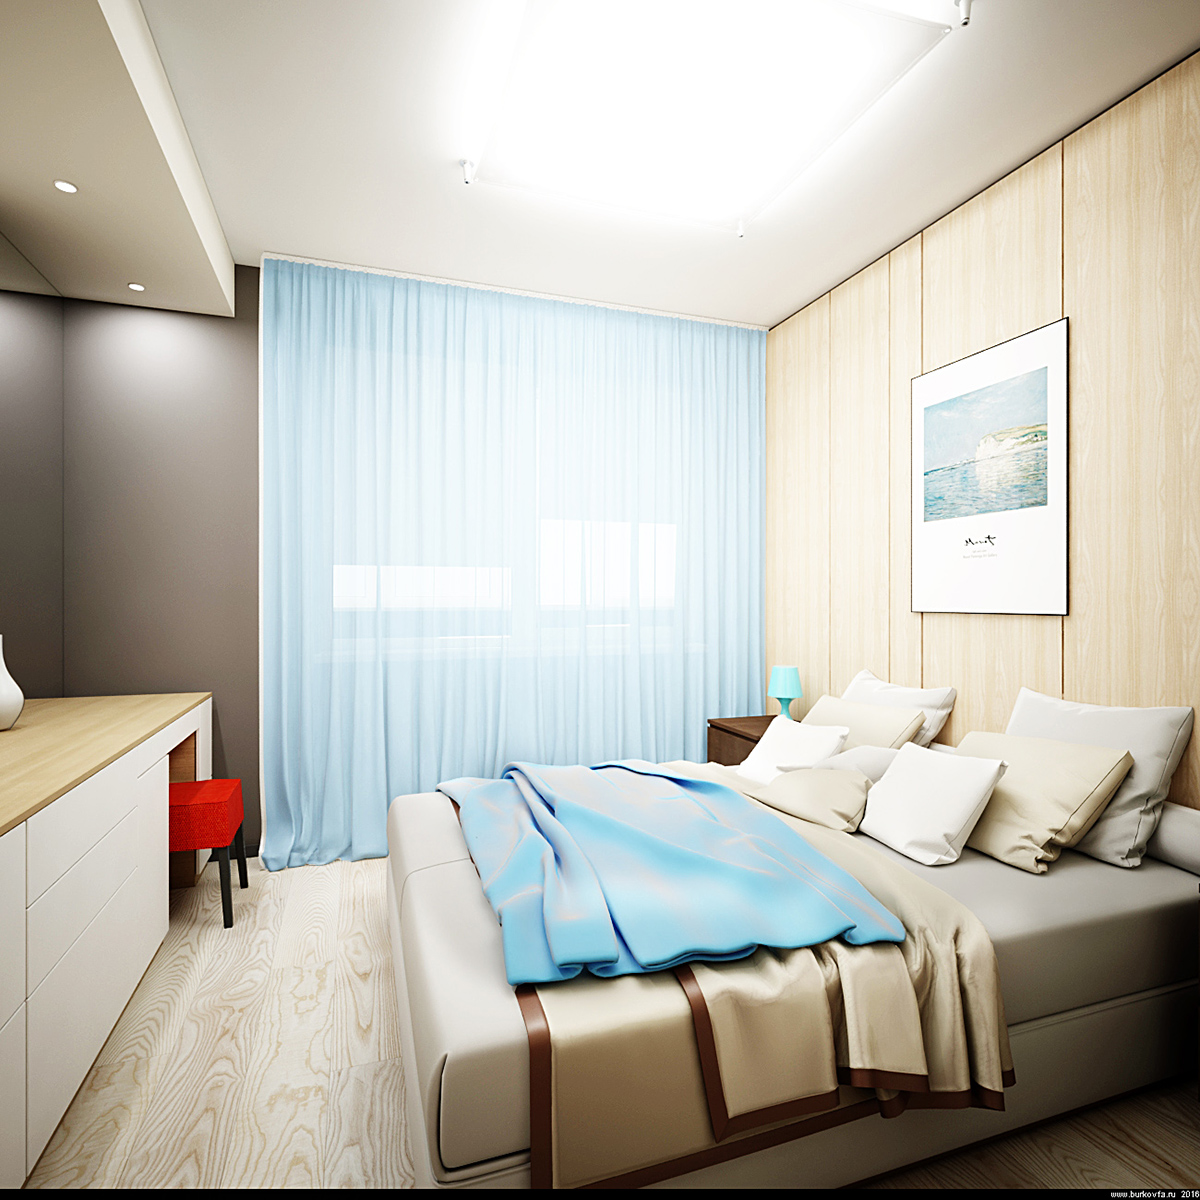 бюджетный дизайн спальни